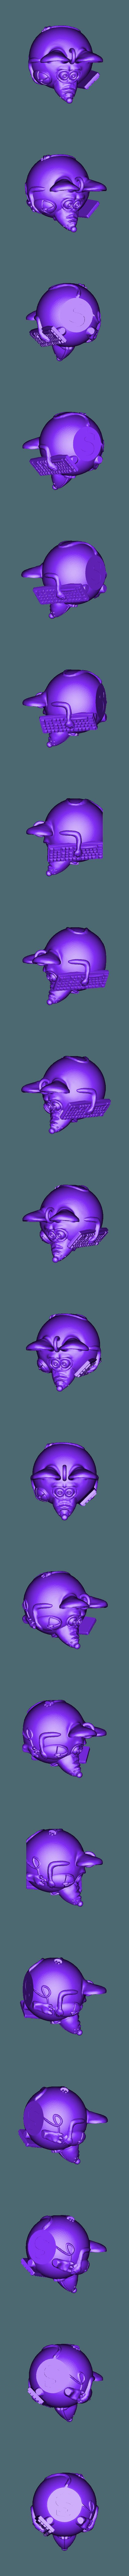 m523.stl Télécharger fichier STL gratuit programmeur de souris • Objet à imprimer en 3D, shuranikishin